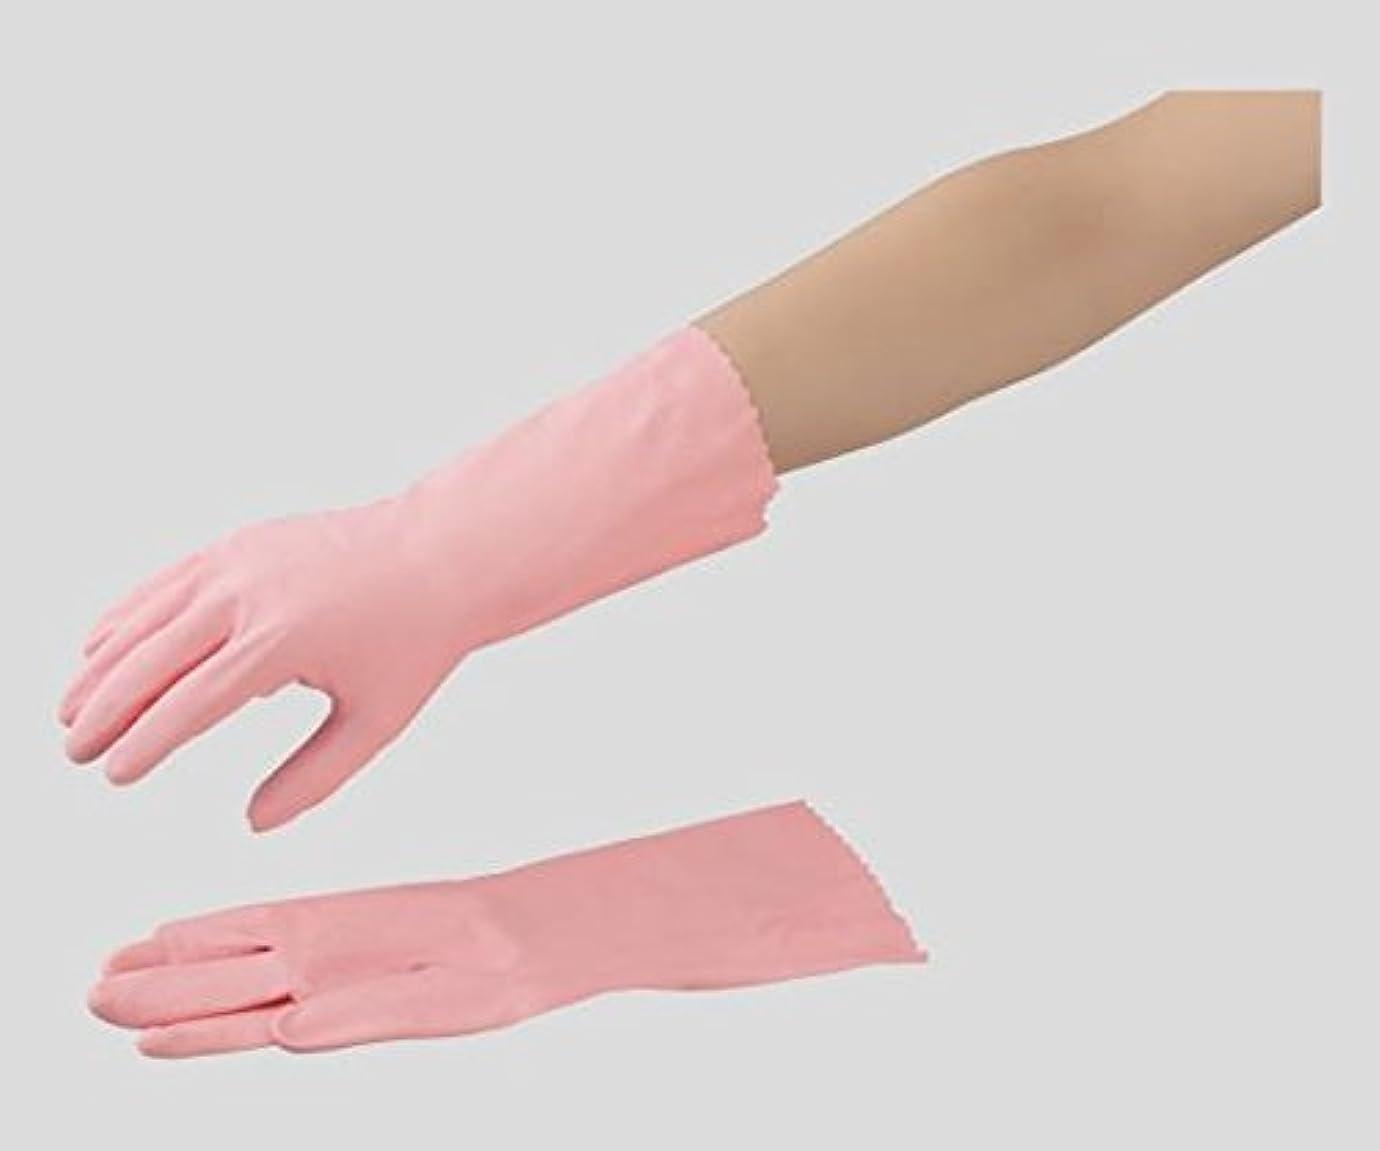 ショーワグローブ2-9731-01ニトリルラテックス手袋中厚手裏毛付ピンクS